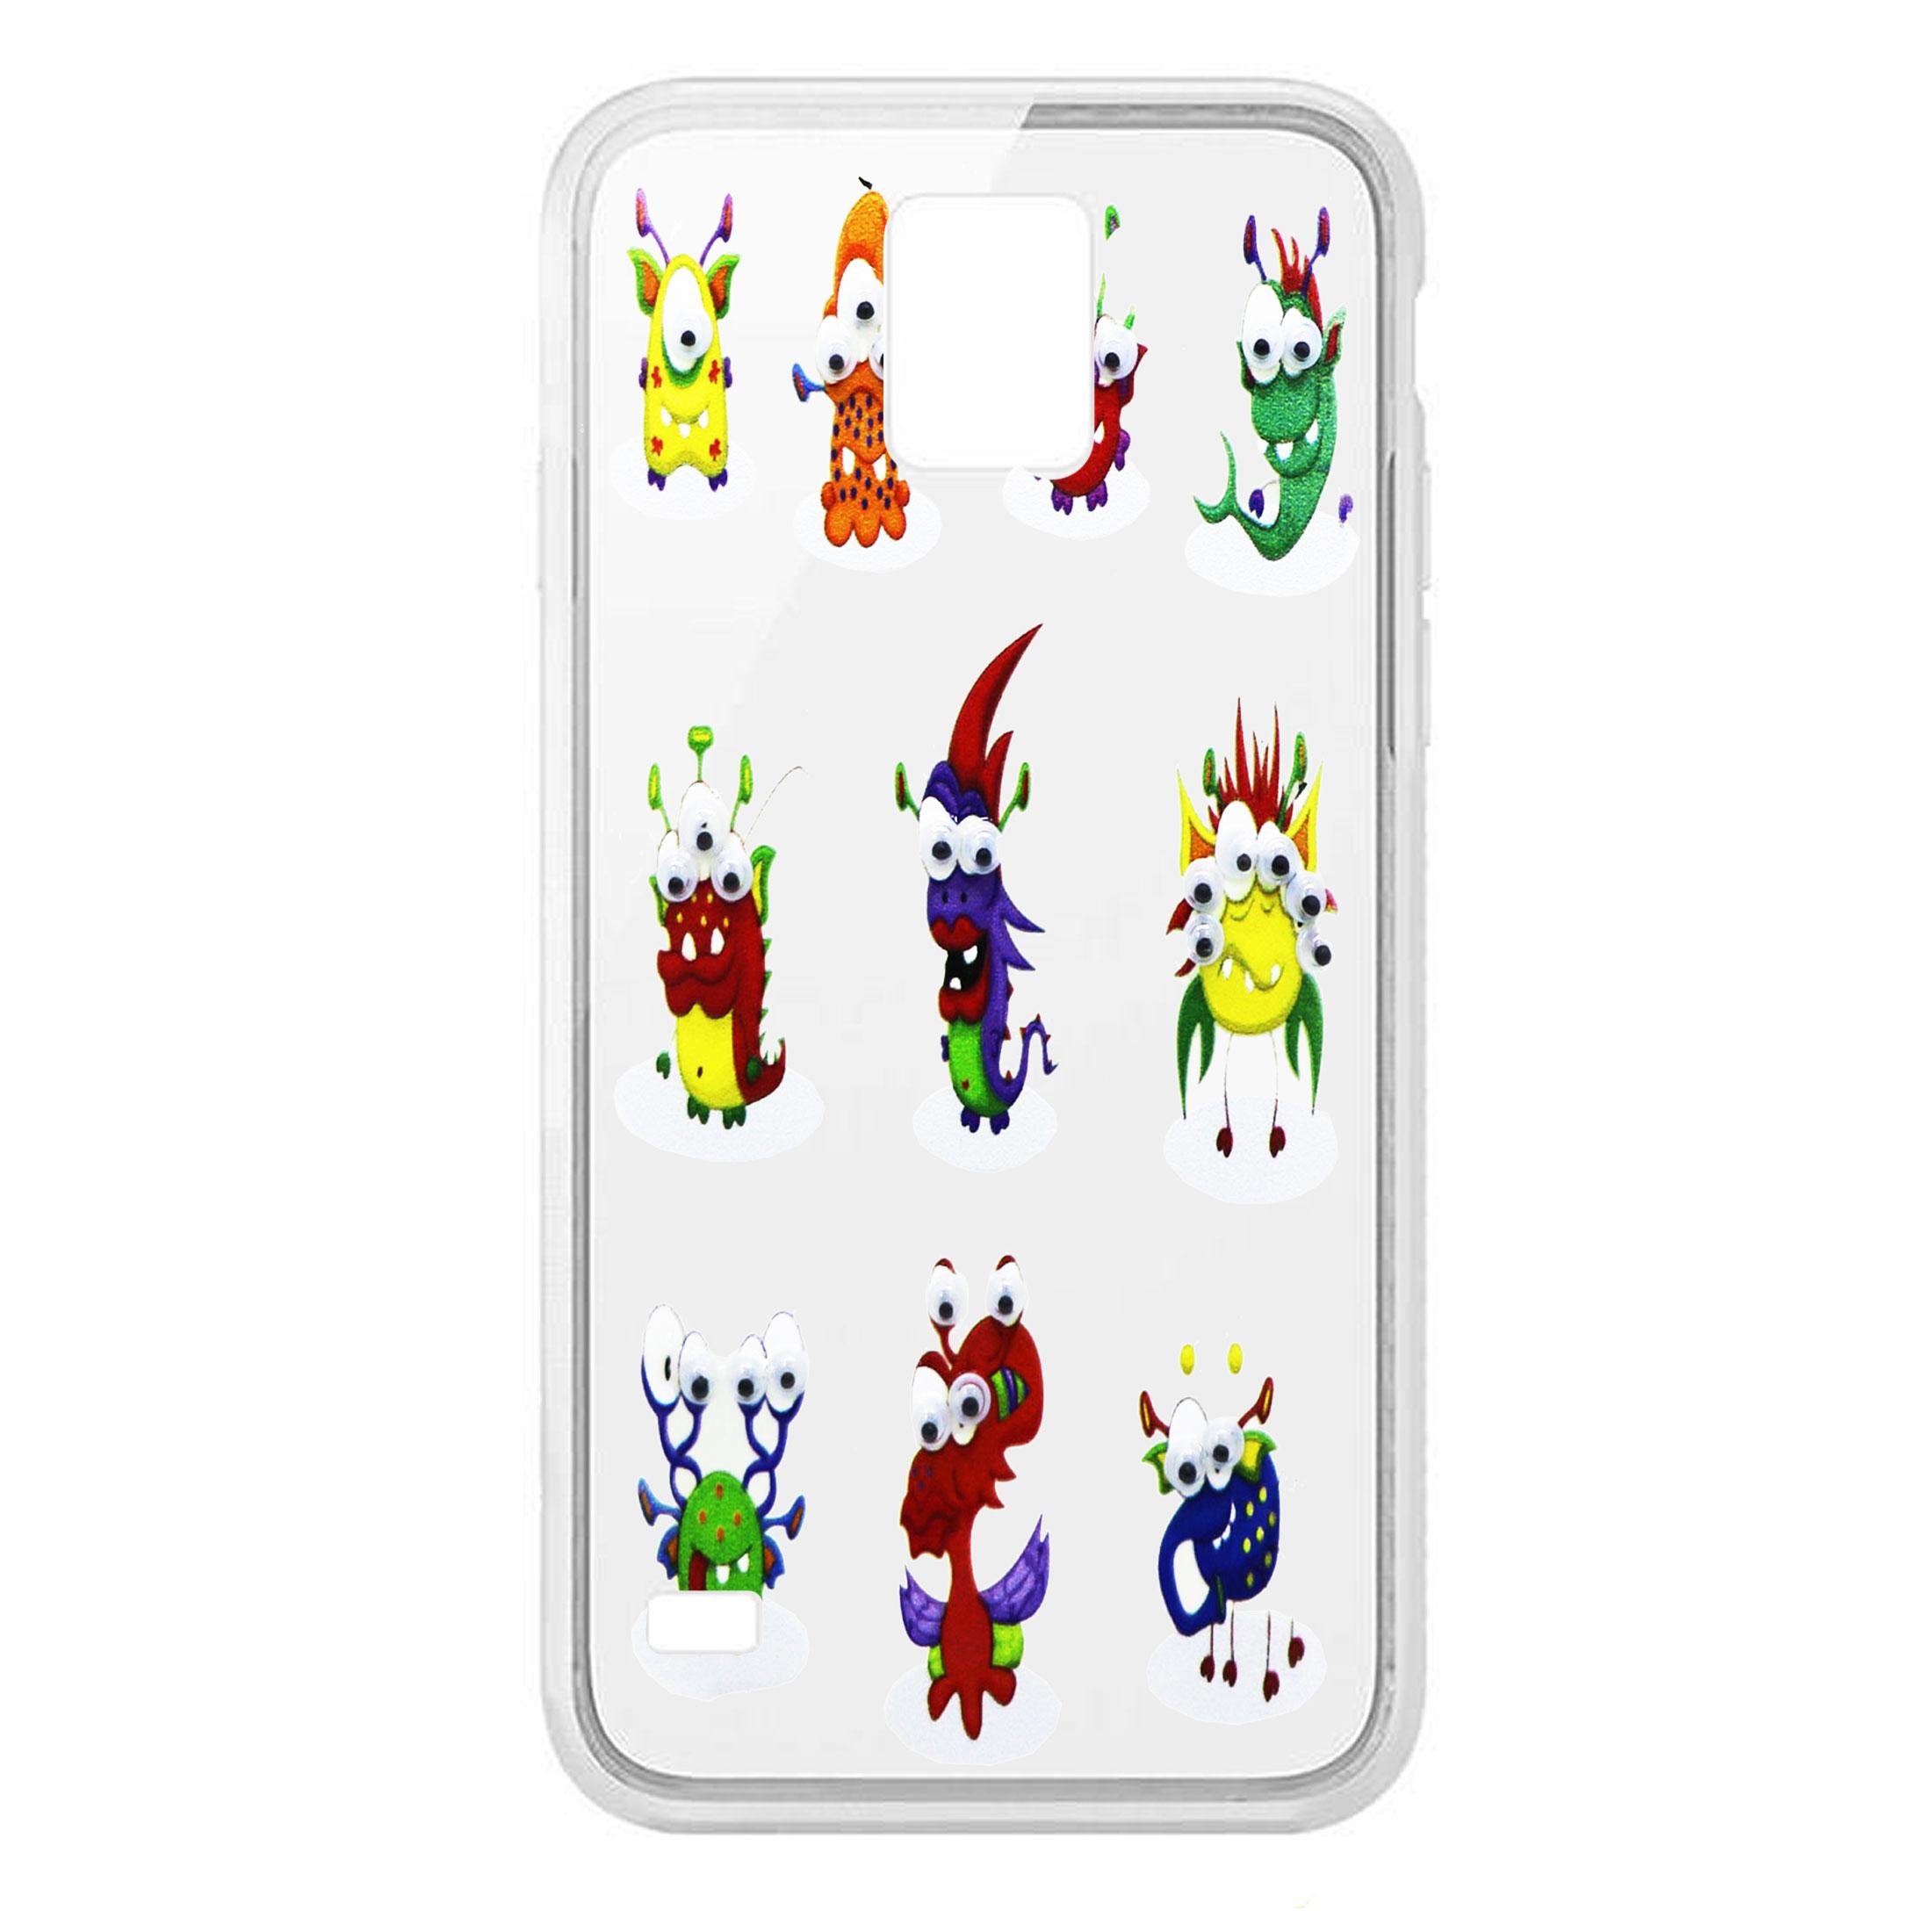 کاور طرح Aliens مدل CLR-099 مناسب برای گوشی موبایل سامسونگ Galaxy S5